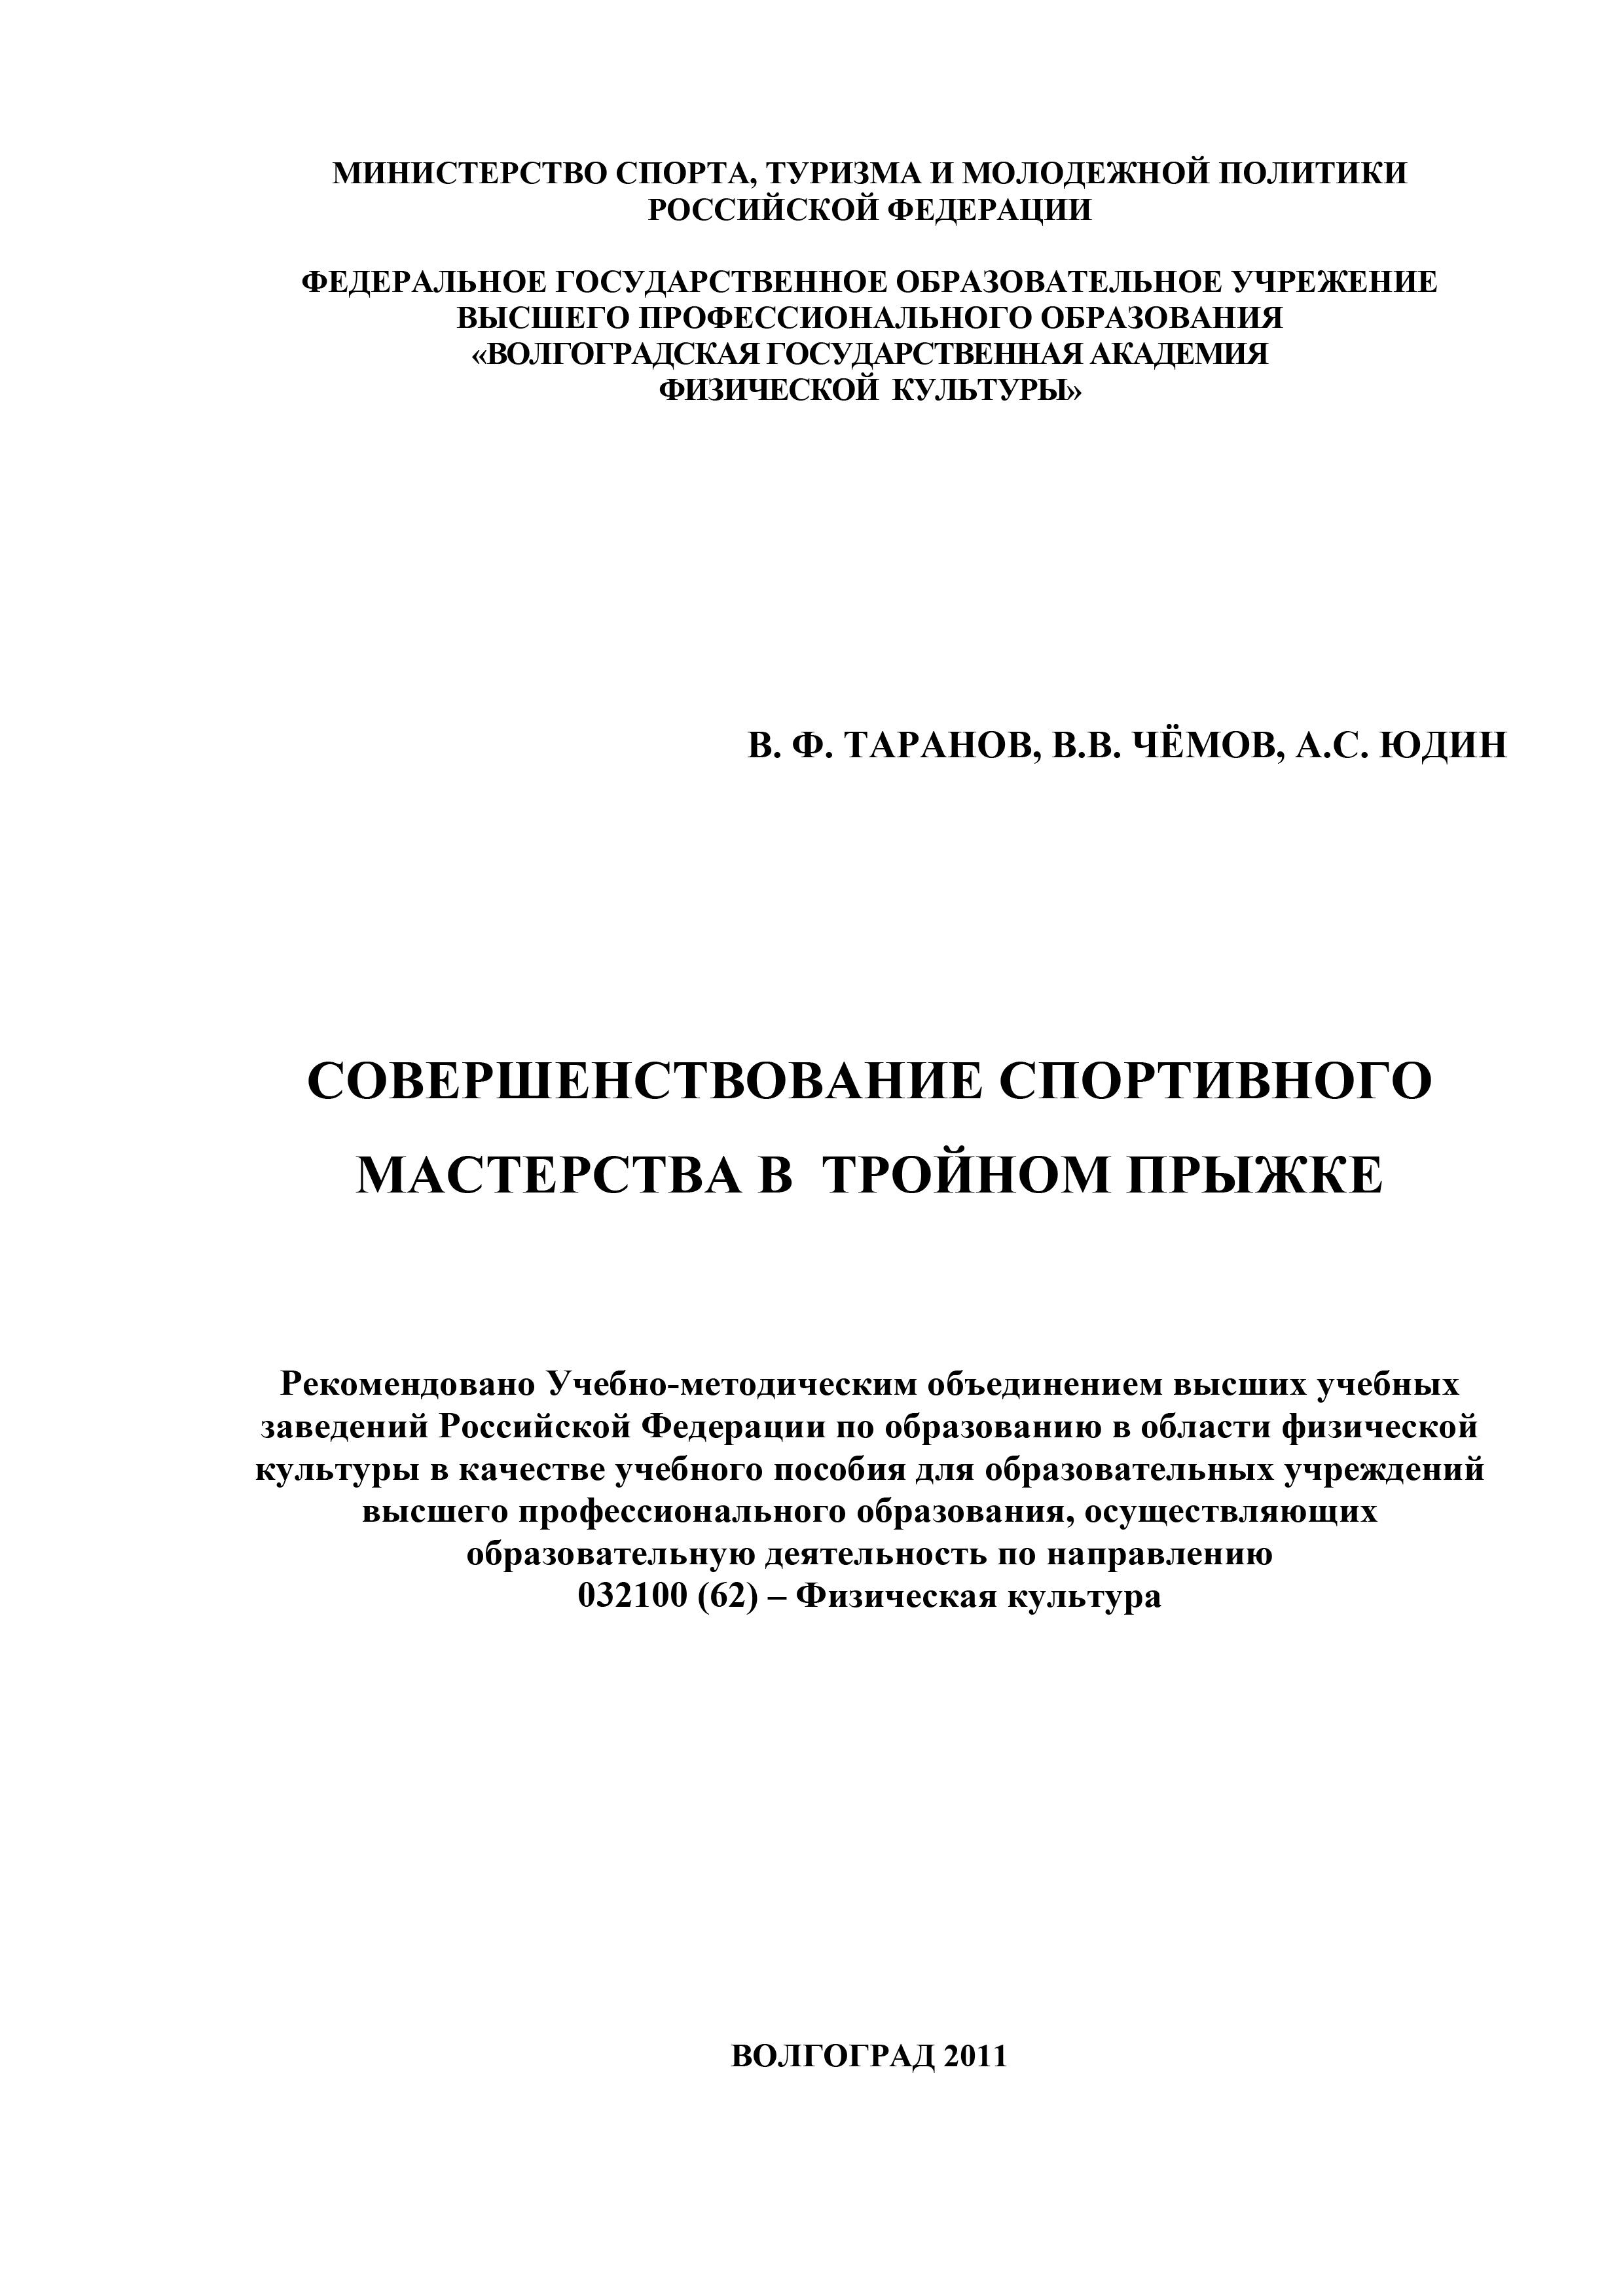 В. Ф. Таранов Совершенствование спортивного мастерства в тройном прыжке